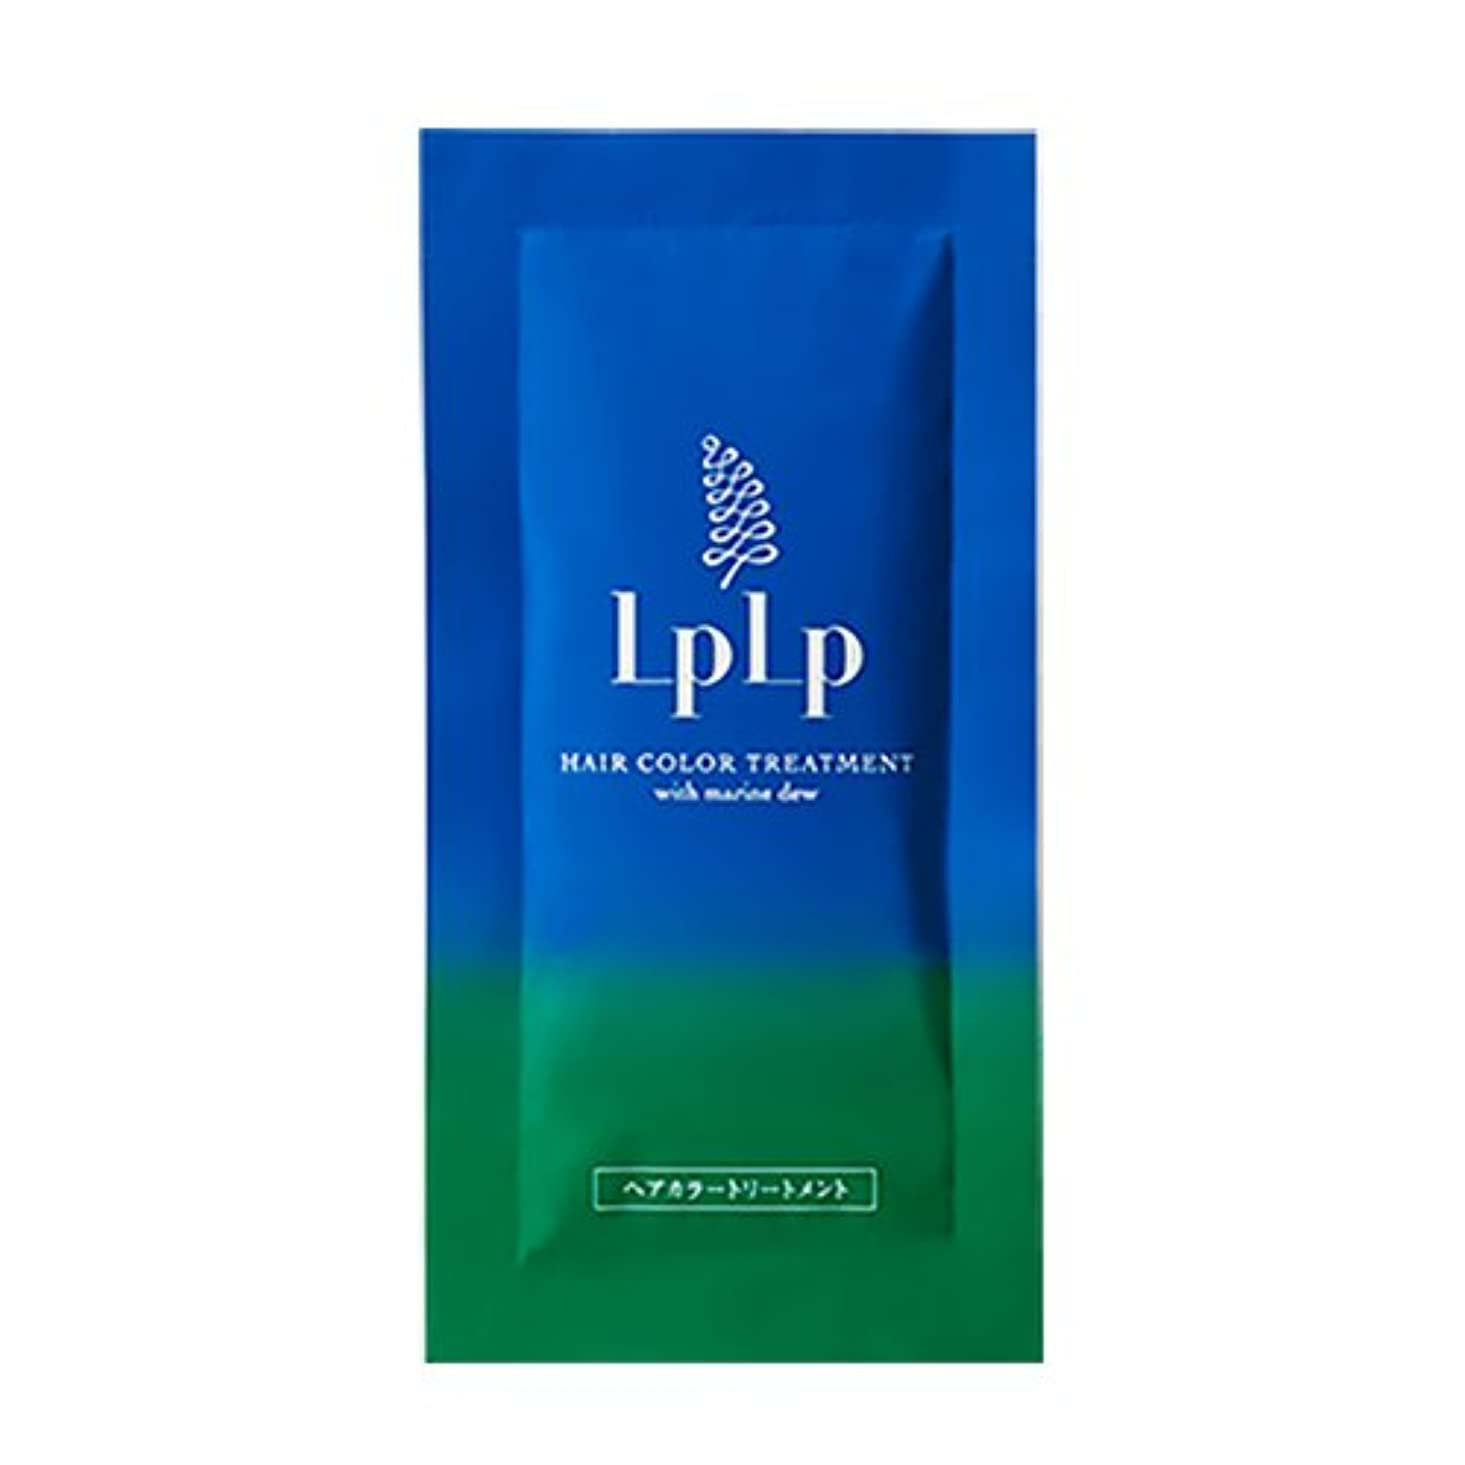 テーブルラグ粘液LPLP(ルプルプ)ヘアカラートリートメントお試しパウチ ソフトブラック